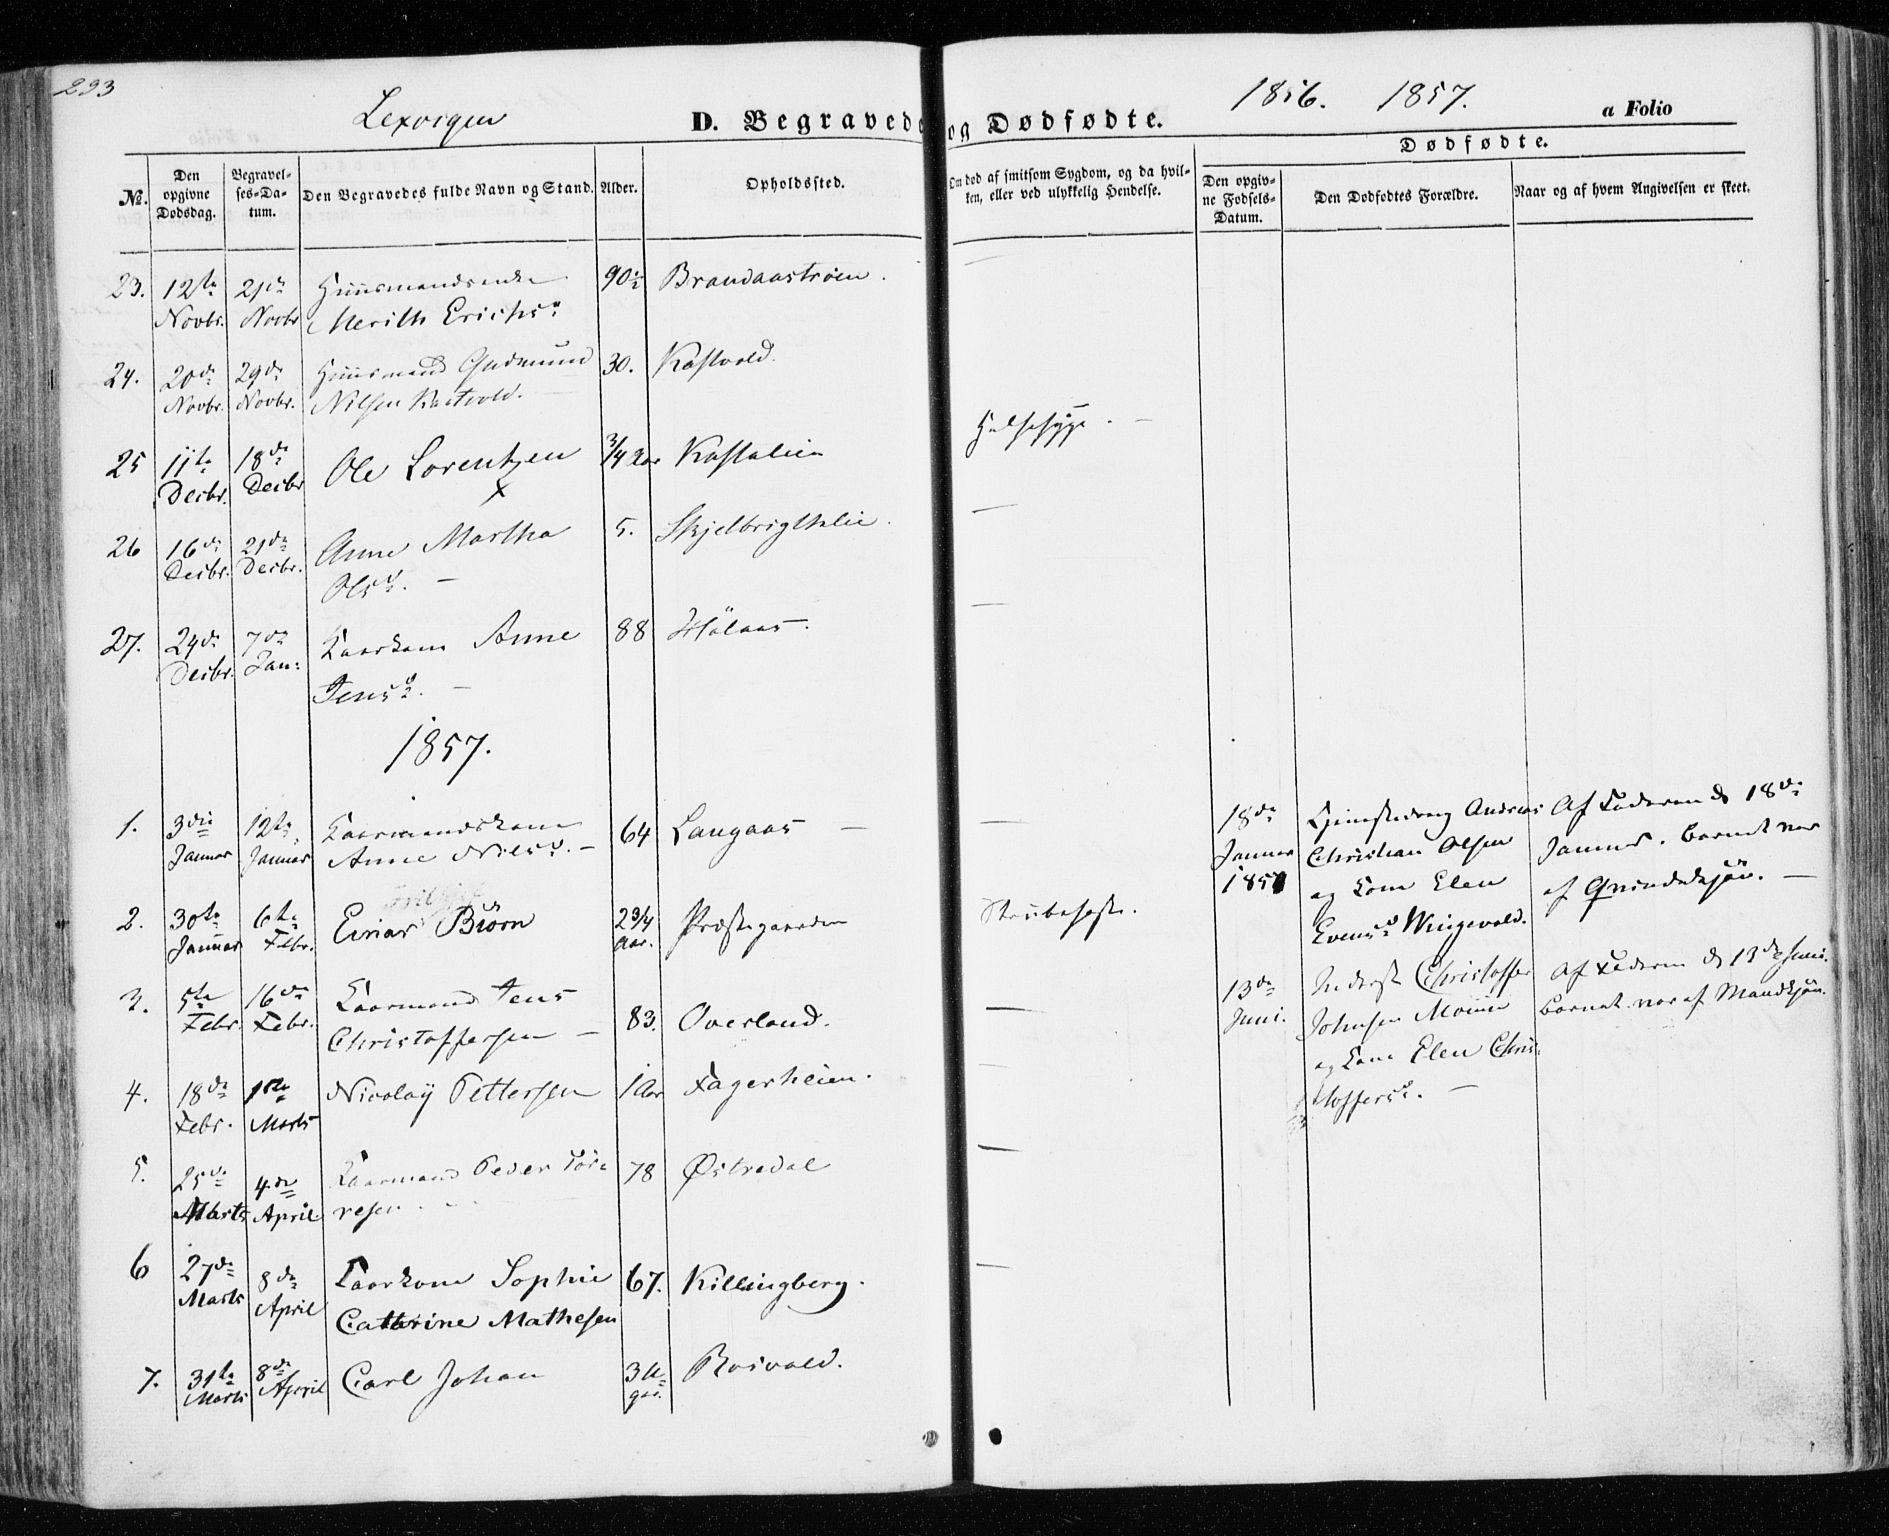 SAT, Ministerialprotokoller, klokkerbøker og fødselsregistre - Nord-Trøndelag, 701/L0008: Ministerialbok nr. 701A08 /1, 1854-1863, s. 293